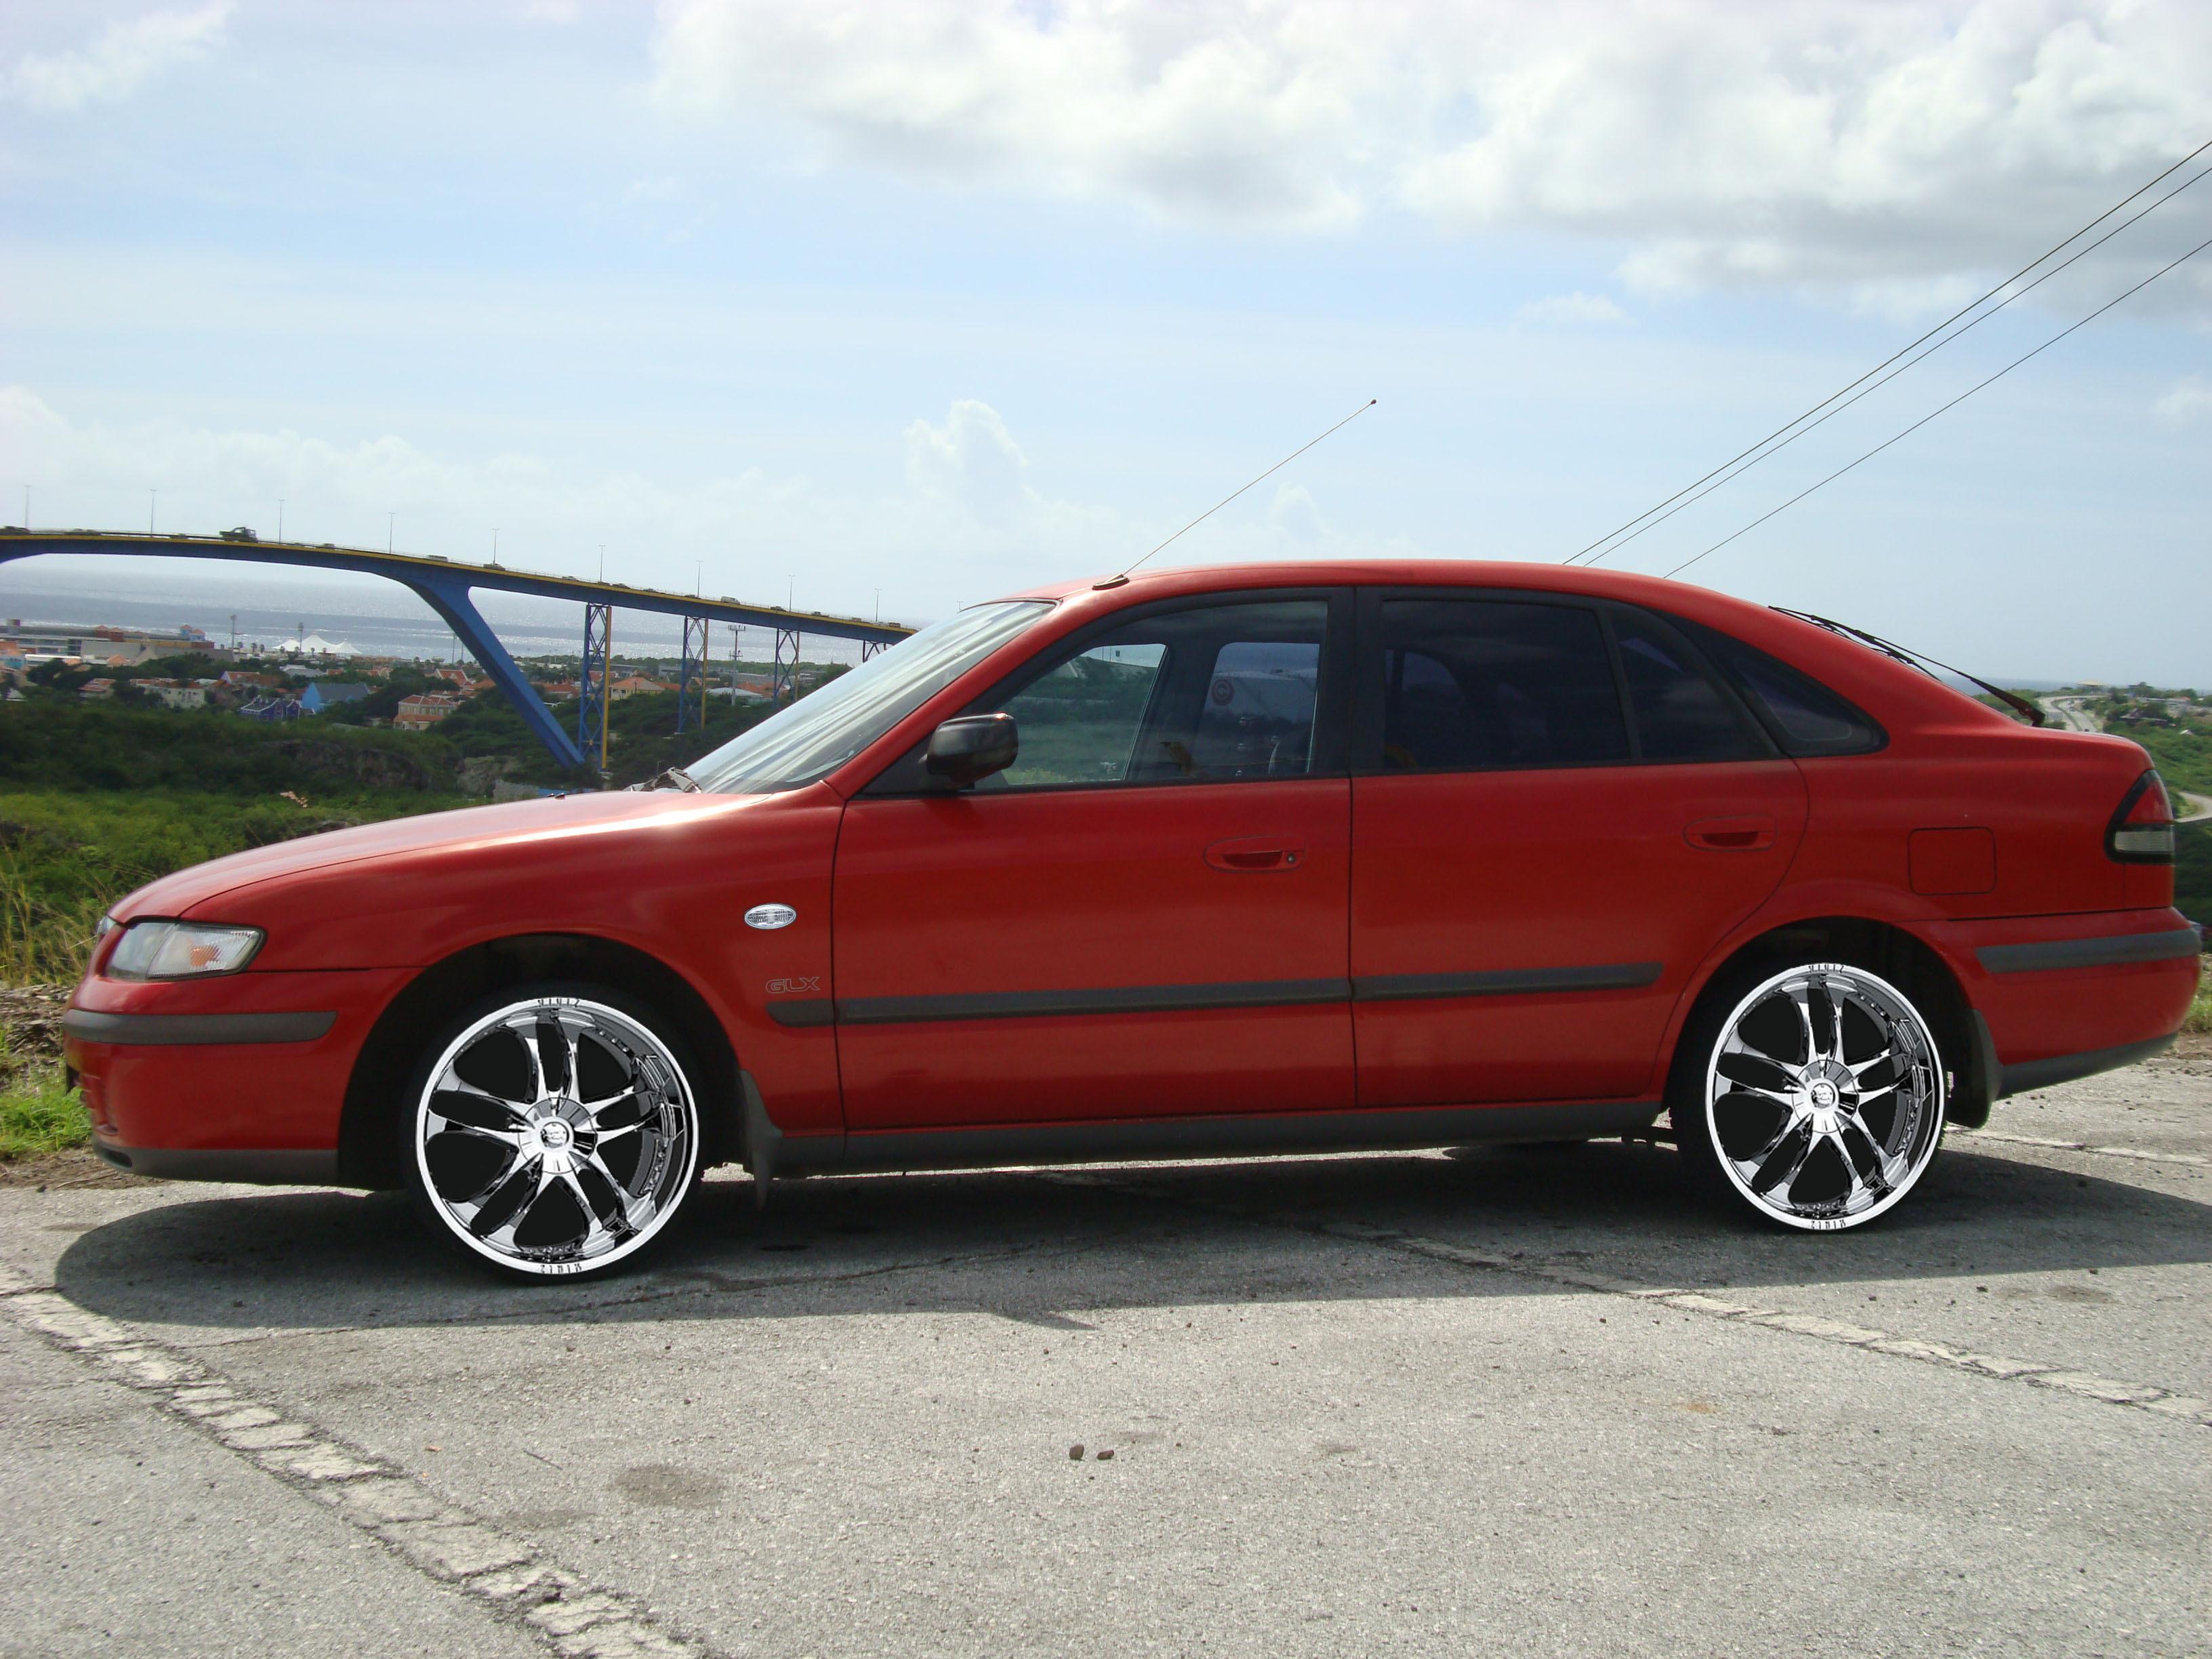 1998 Mazda 626 #11 Mazda 626 #11